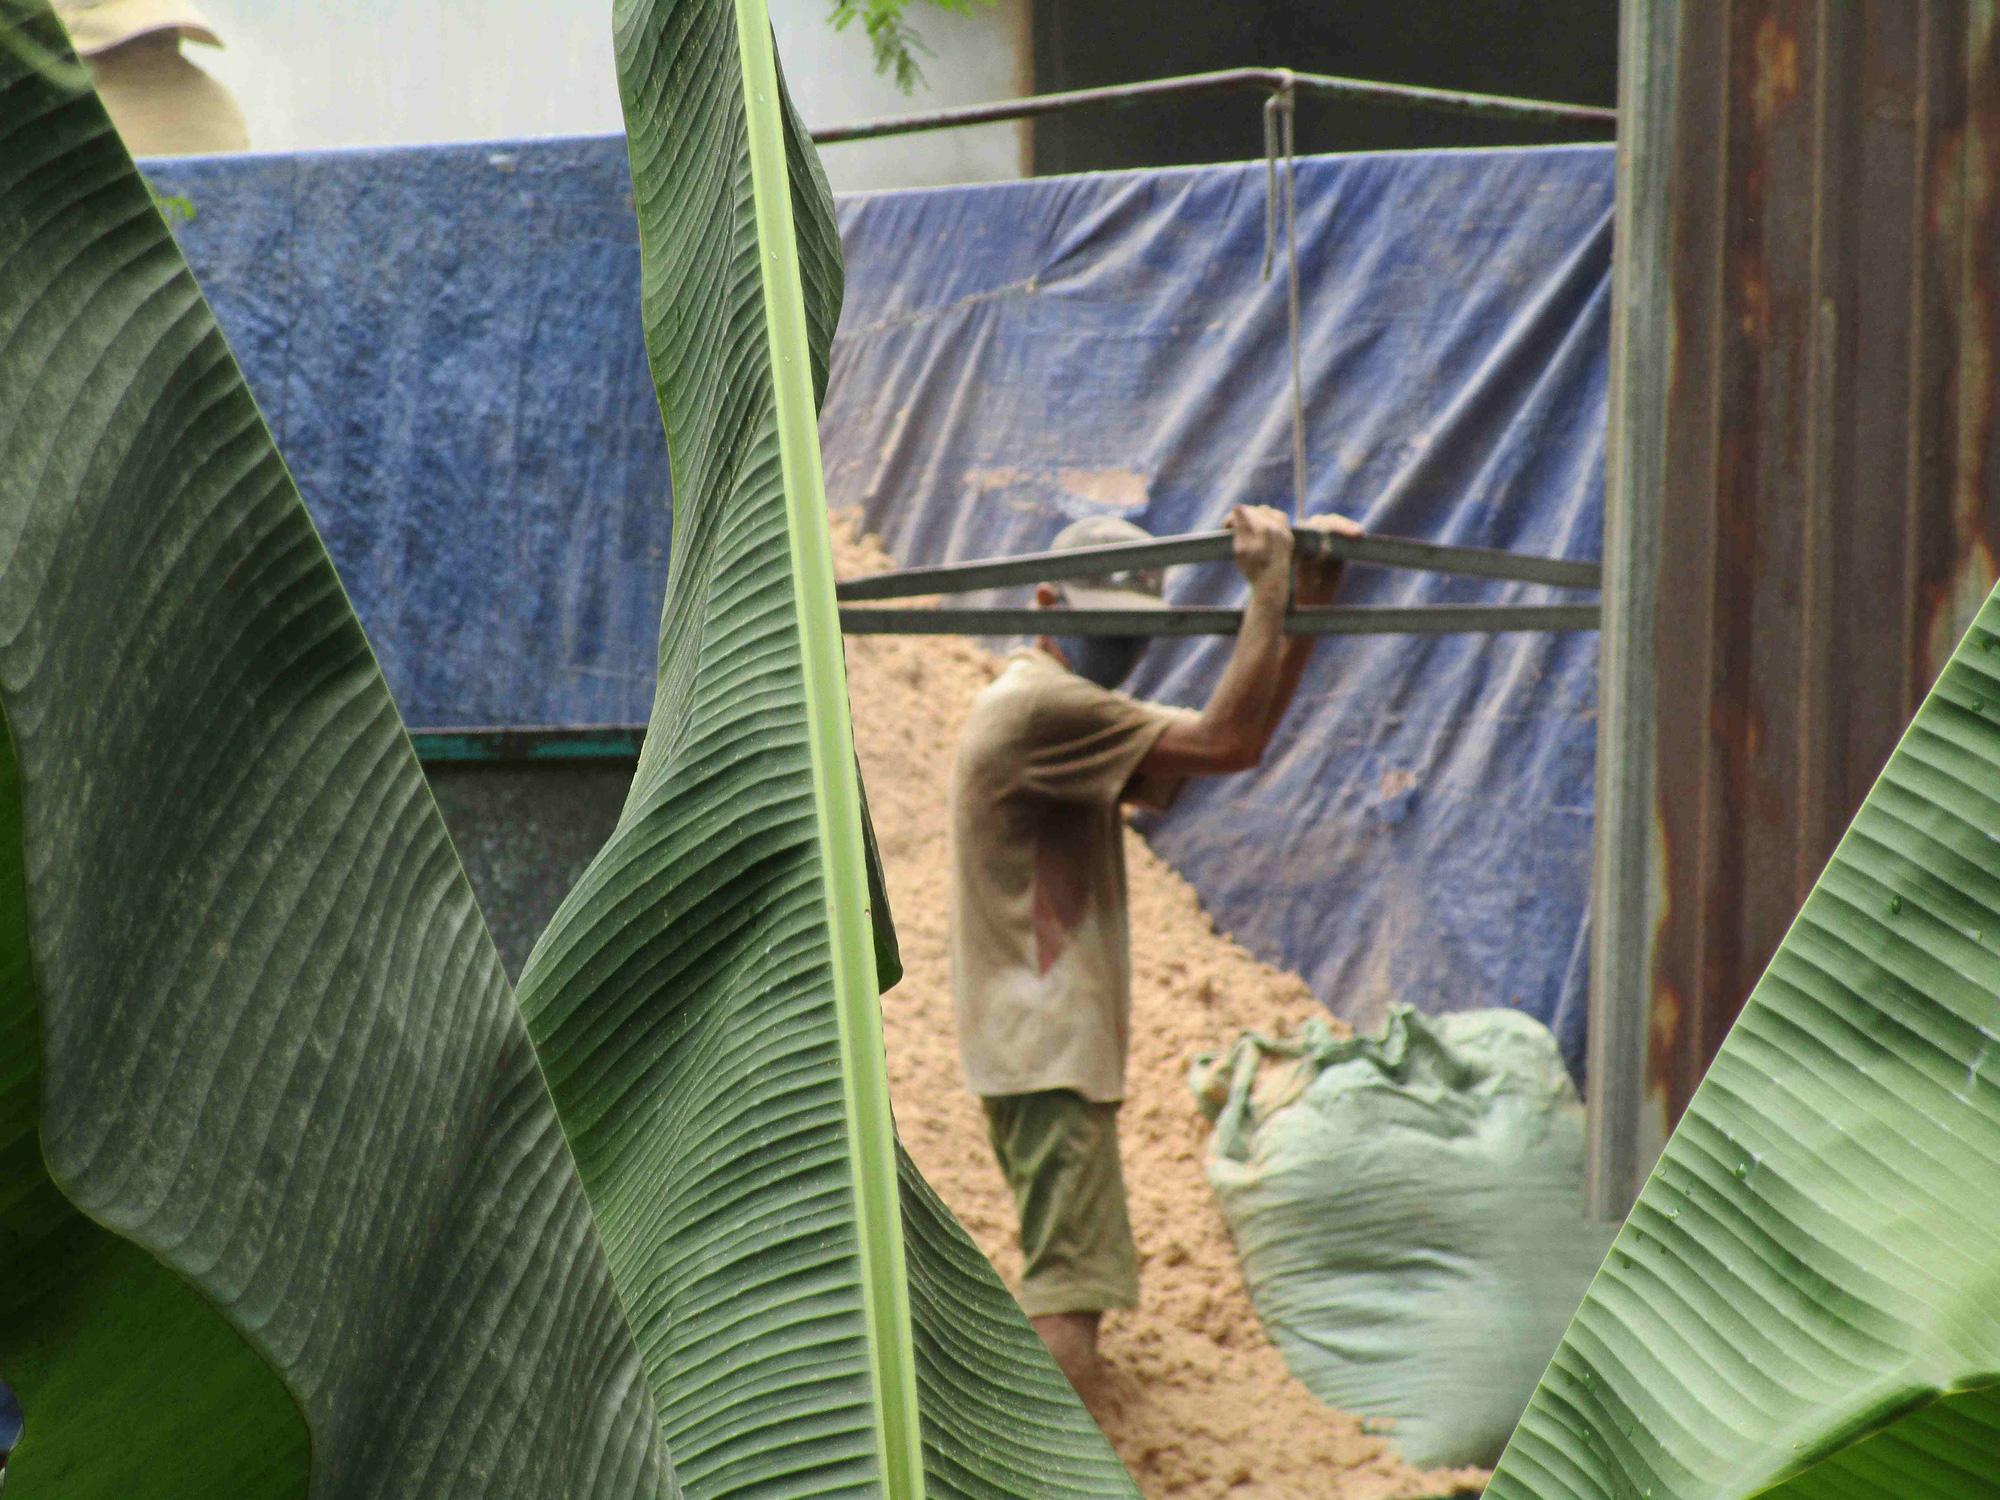 Bình Định: Xí nghiệp chế biến lâm sản Bông Hồng nằm sát khu dân cư gây bức xúc - Ảnh 1.